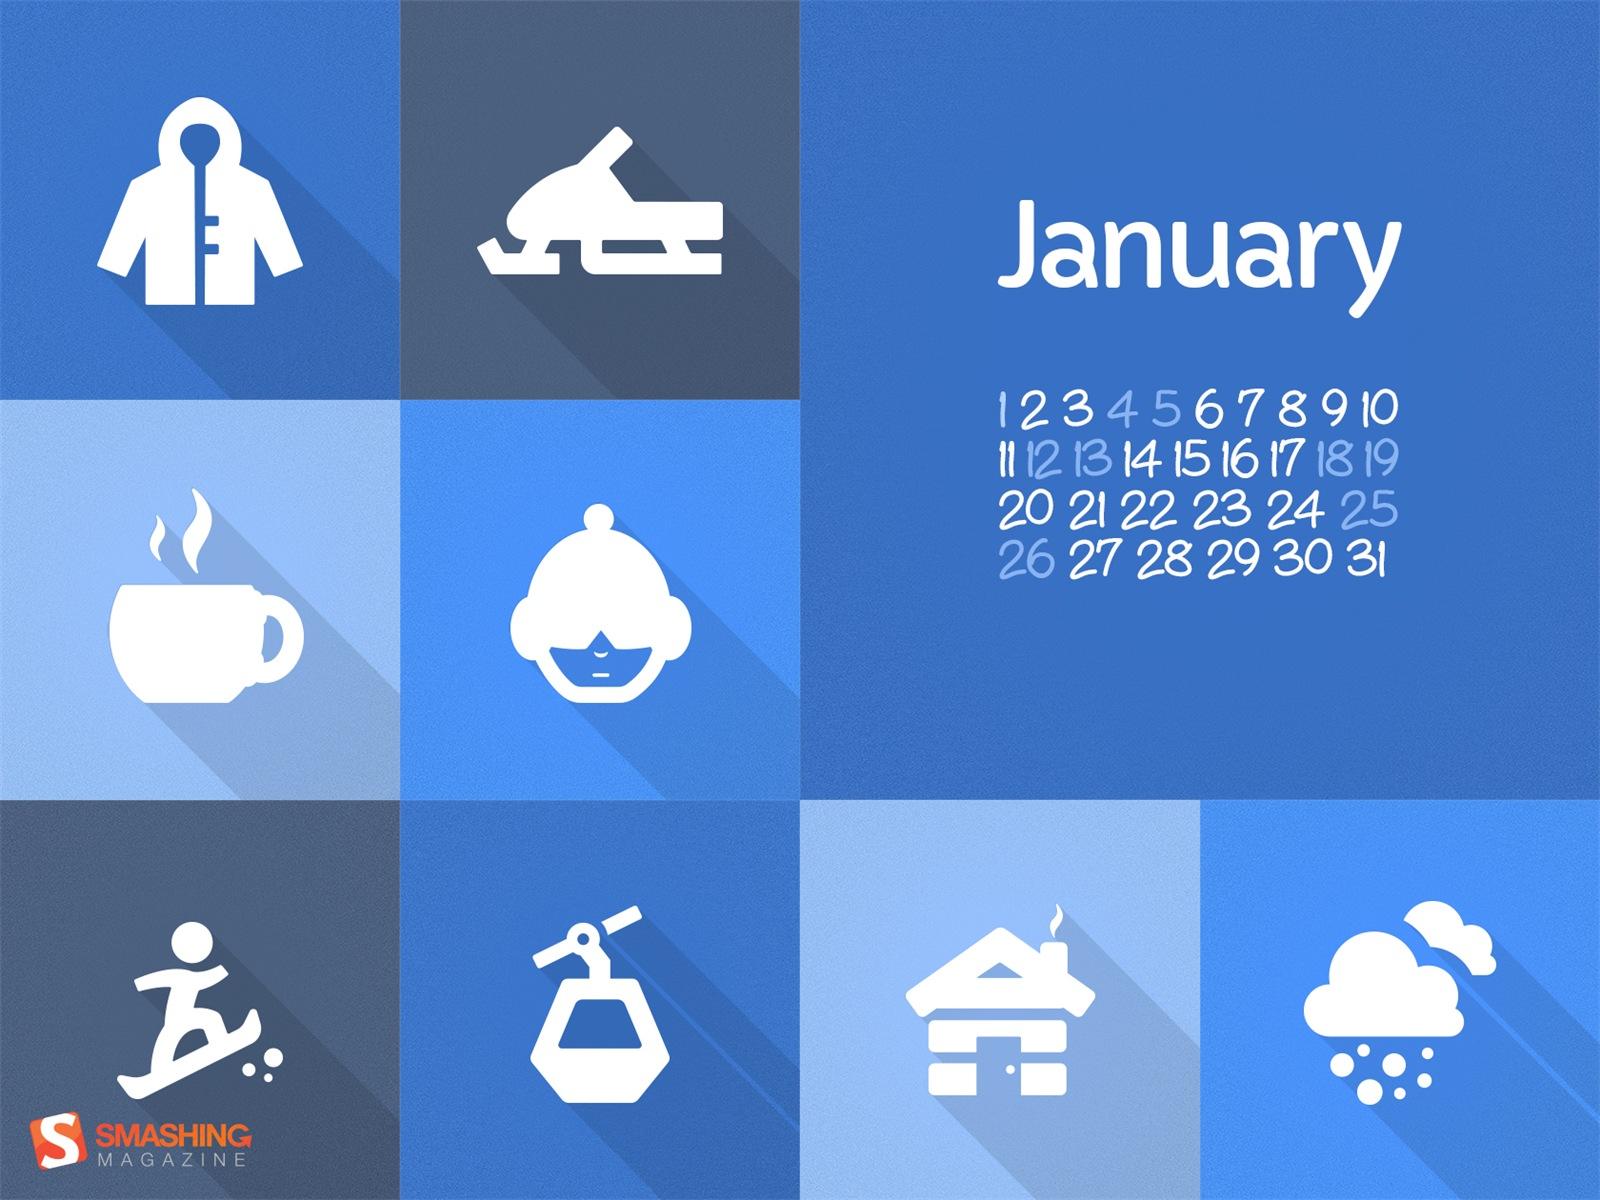 カレンダー 2014年1月カレンダー : 2014年1月カレンダー壁紙(2 ...